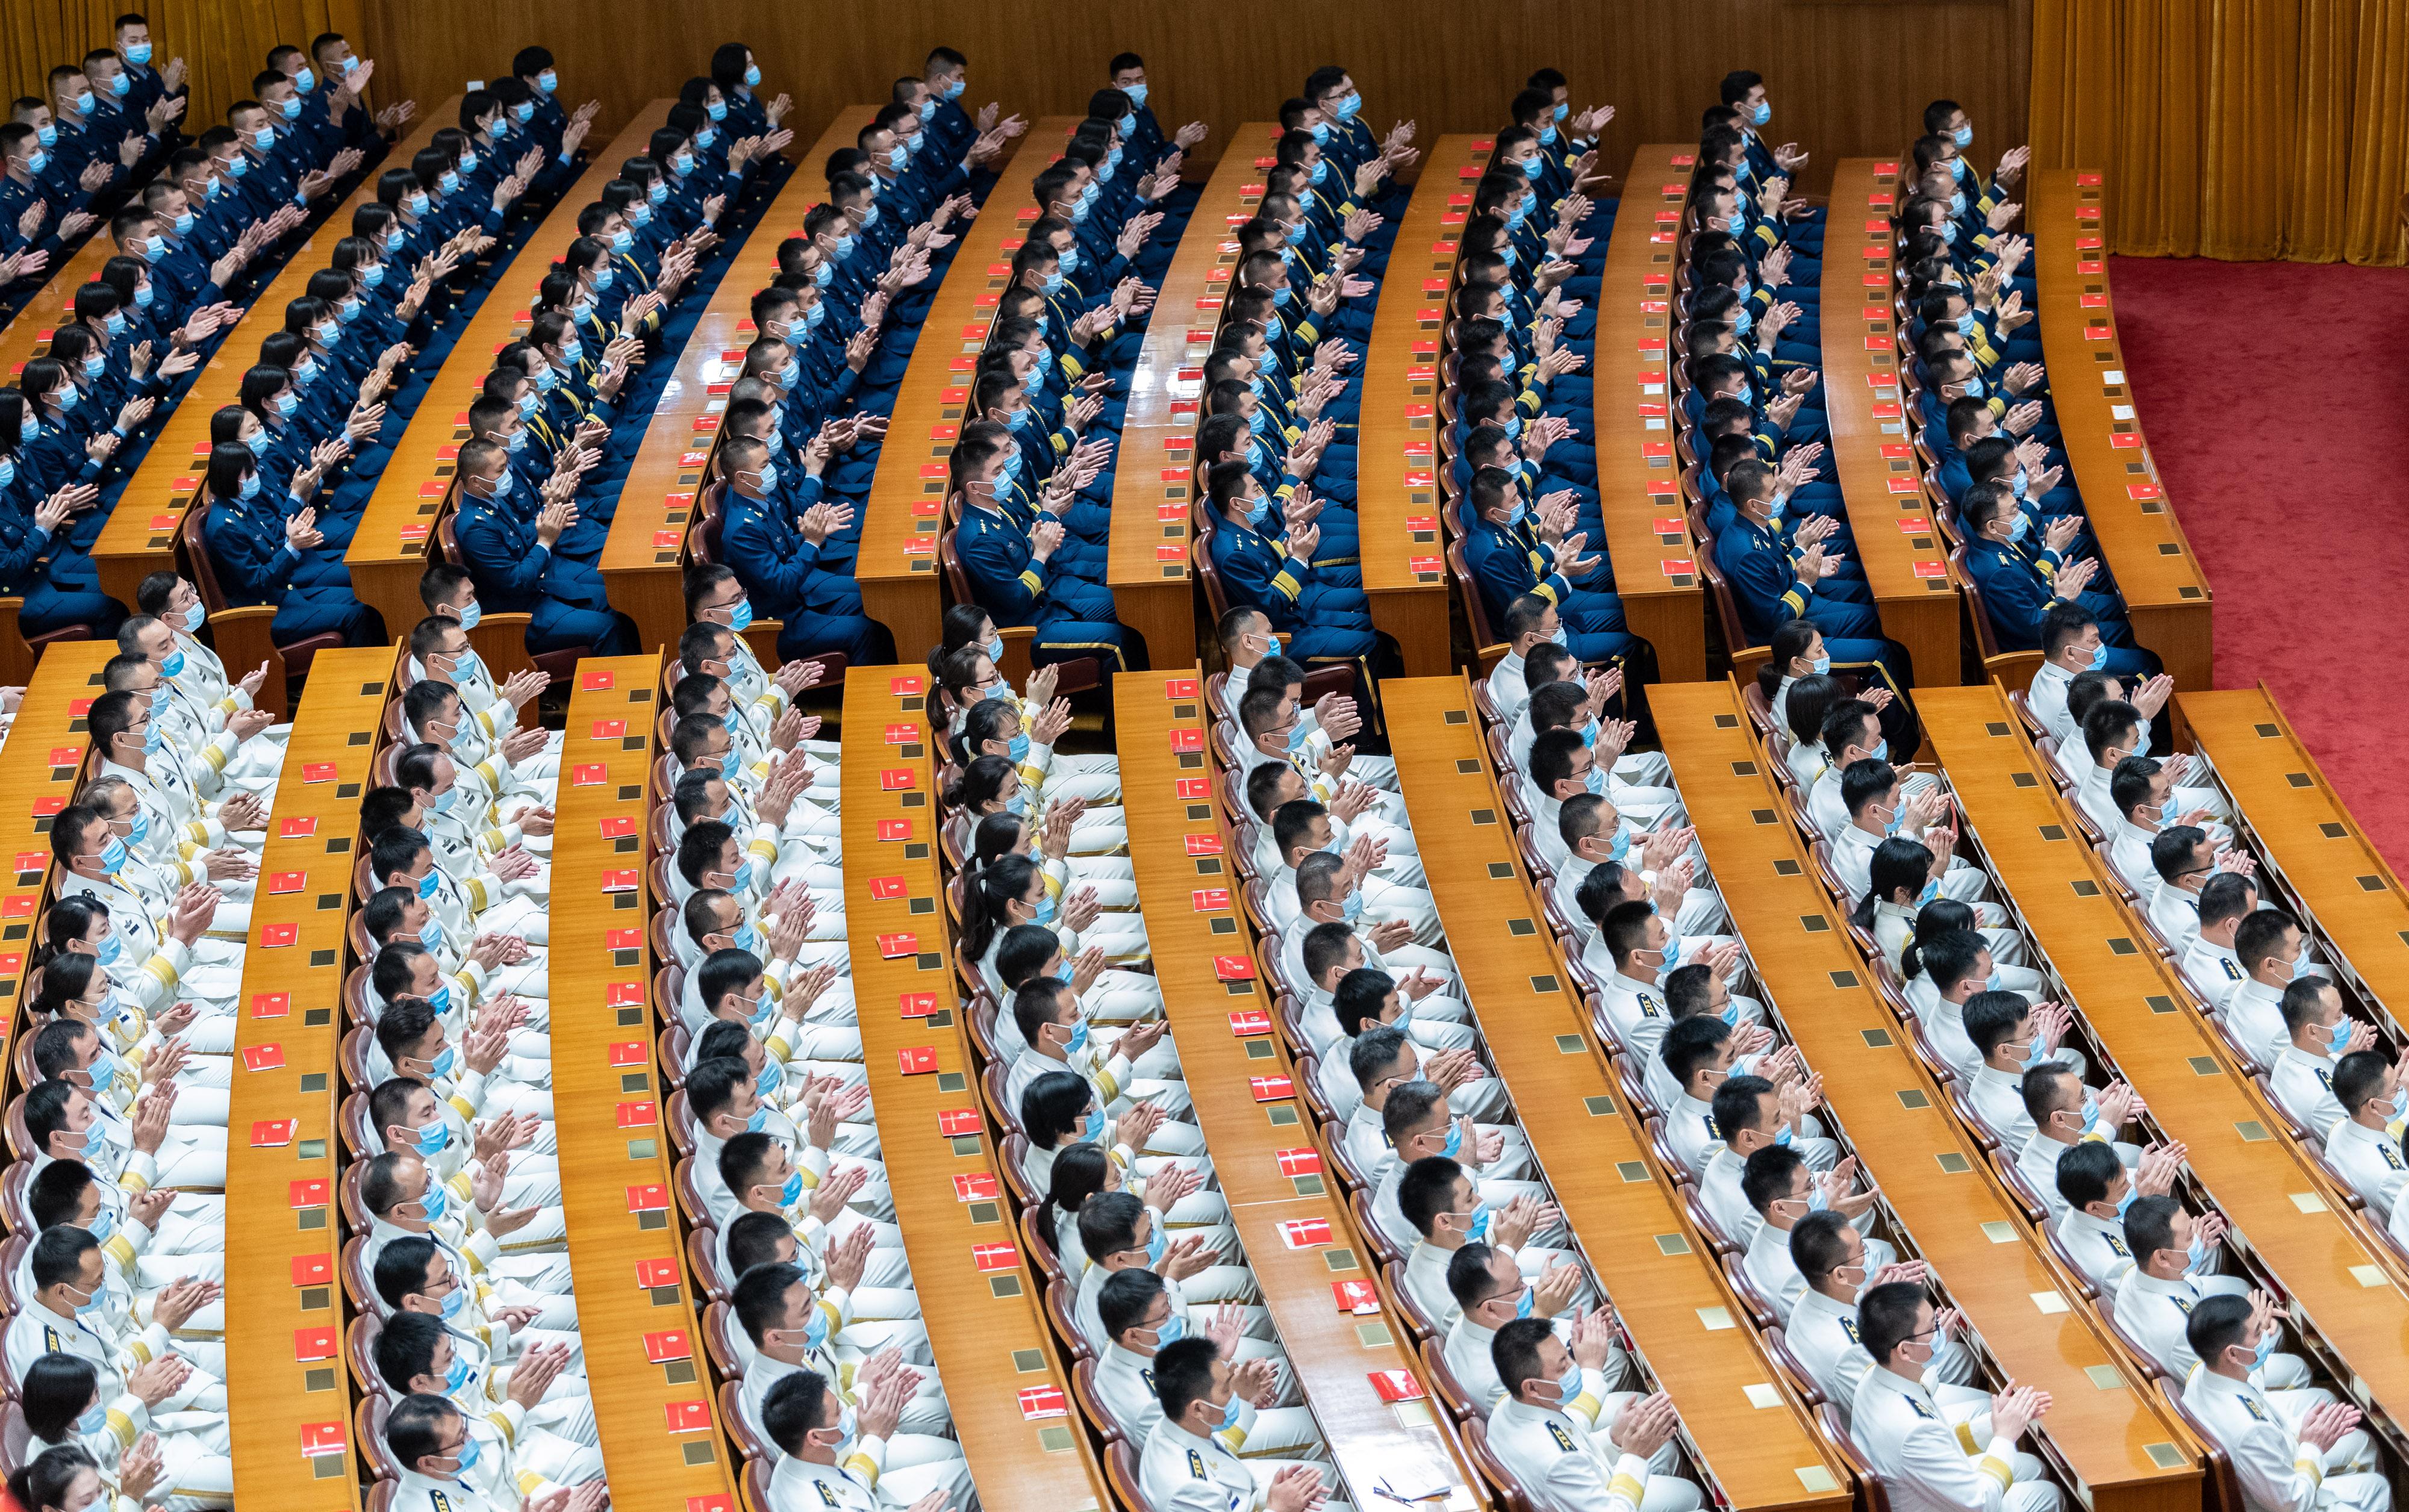 紀念中國人民志願軍抗美援朝出國作戰70周年大會於23日上午10時在北京人民大會堂隆重舉行。(新華網)